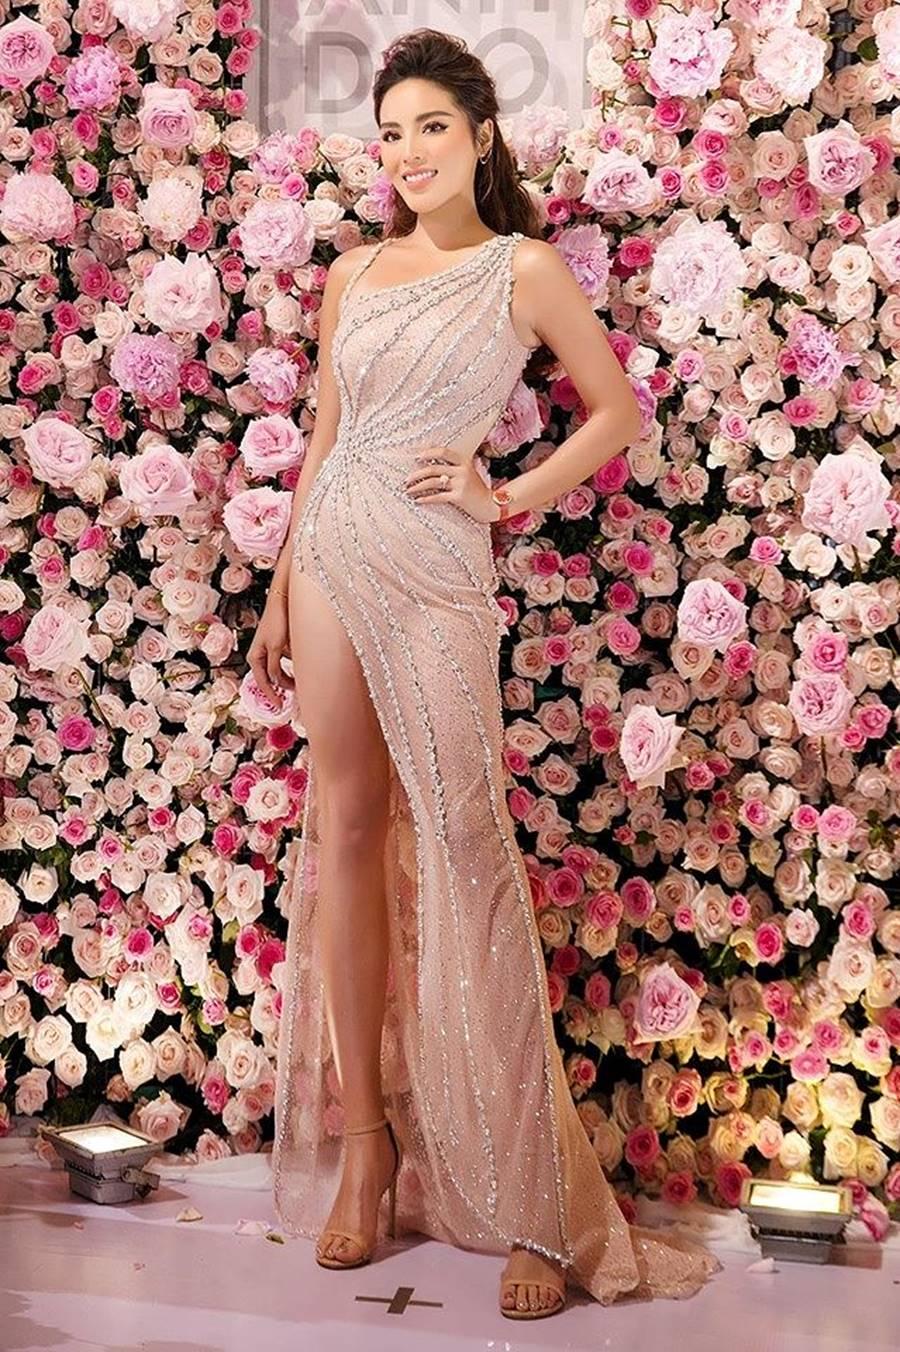 Hoa hậu Kỳ Duyên khoe dáng nóng bỏng với váy xuyên thấu sau khi giảm cân-1